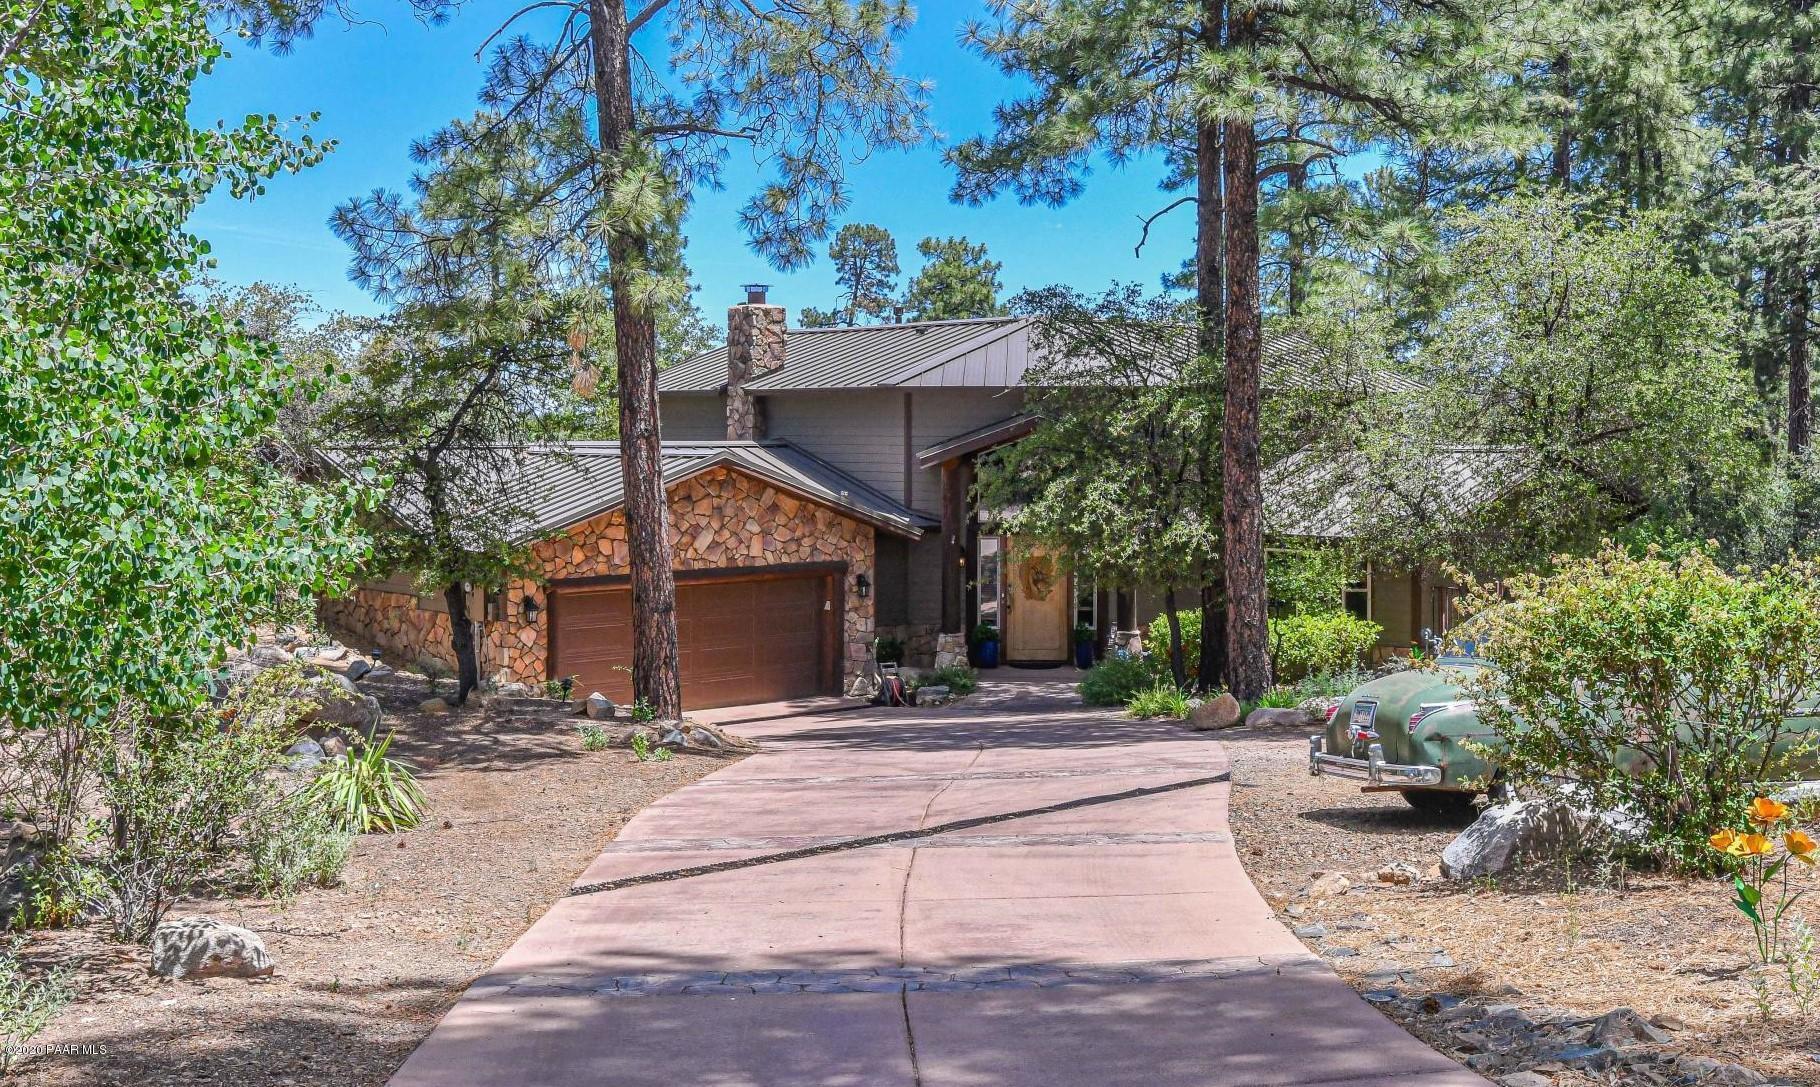 Photo of 1500 Conifer Ridge, Prescott, AZ 86303